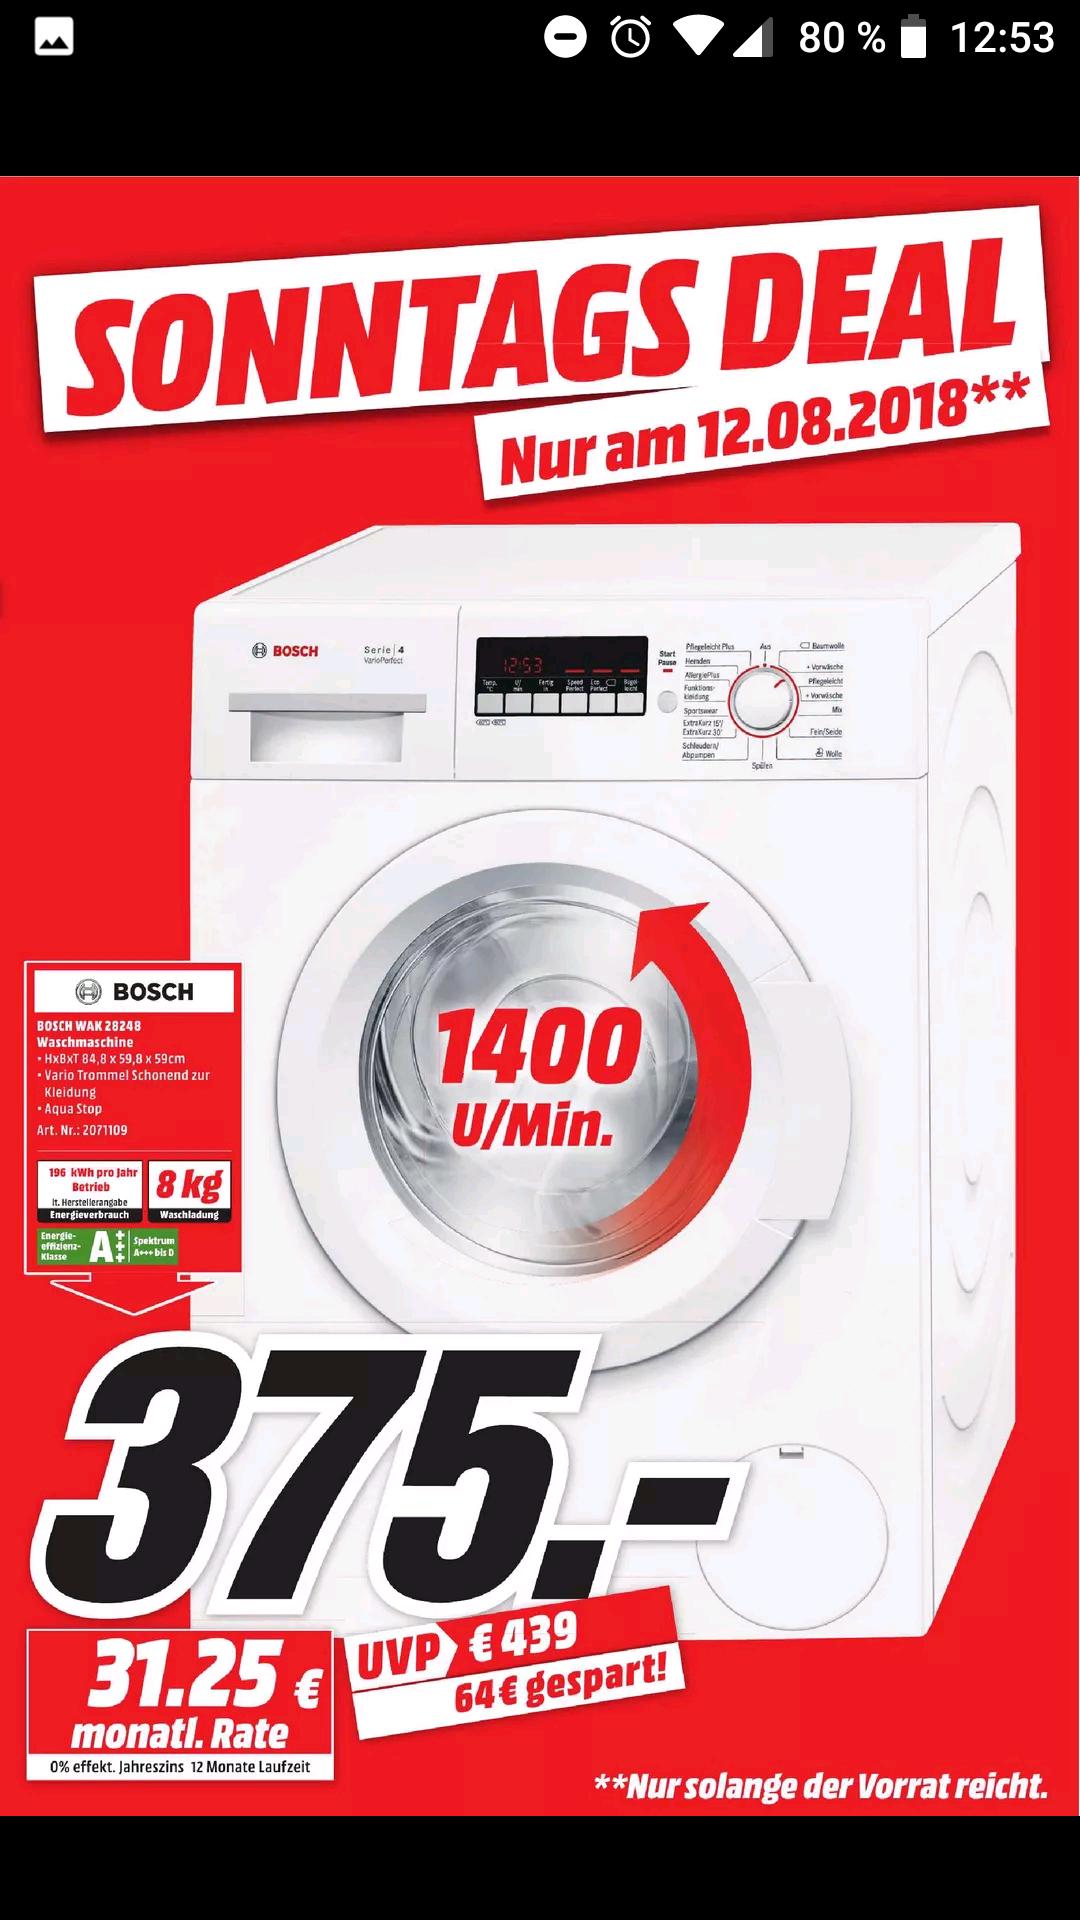 [MM] Bosch WAK28248  (8 kg, 1400 U/Min., A+++)   Waschmaschine [Sonntags Deal]